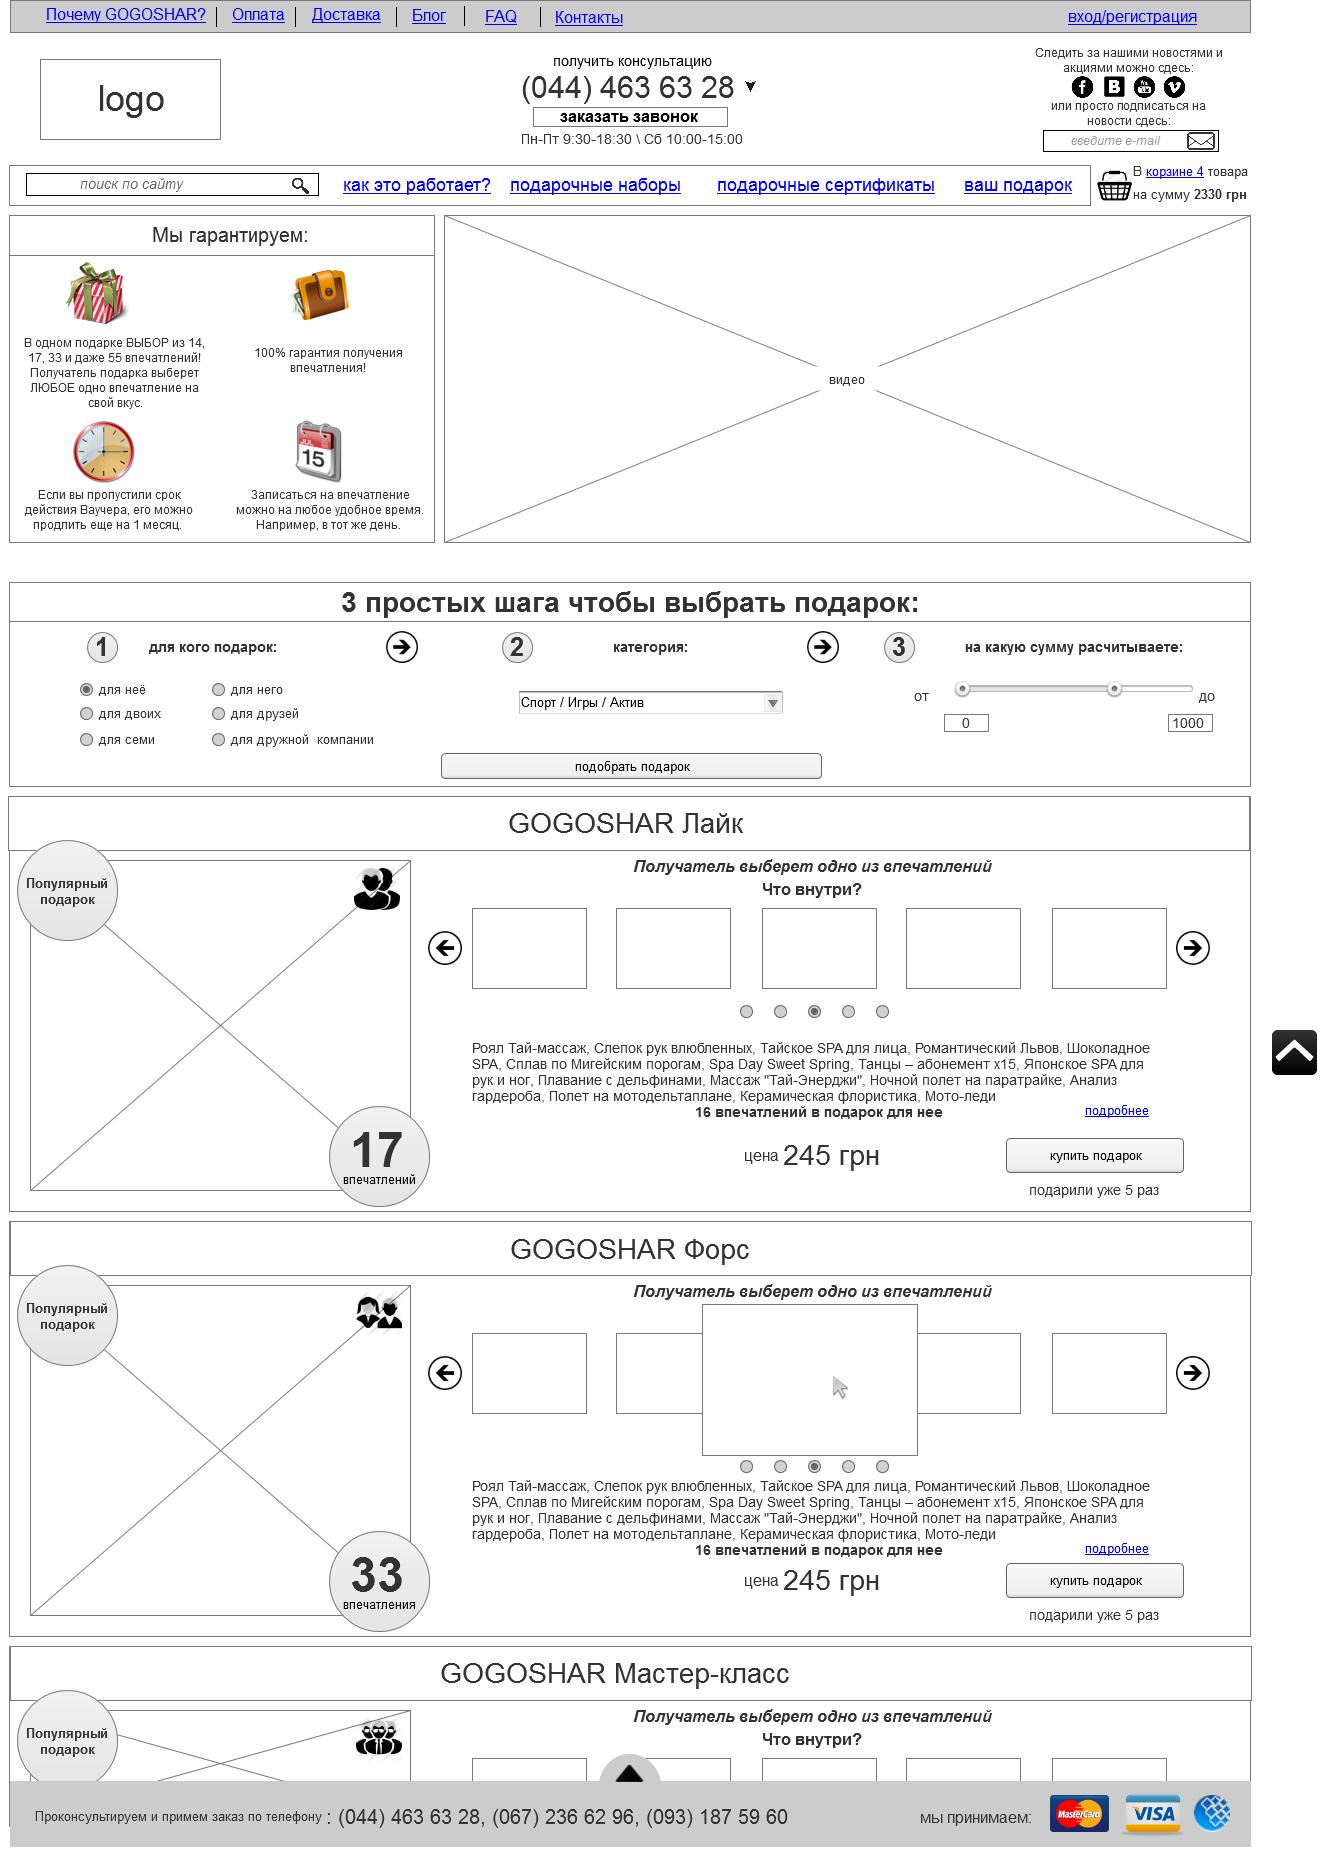 схема работы покупки через интернет